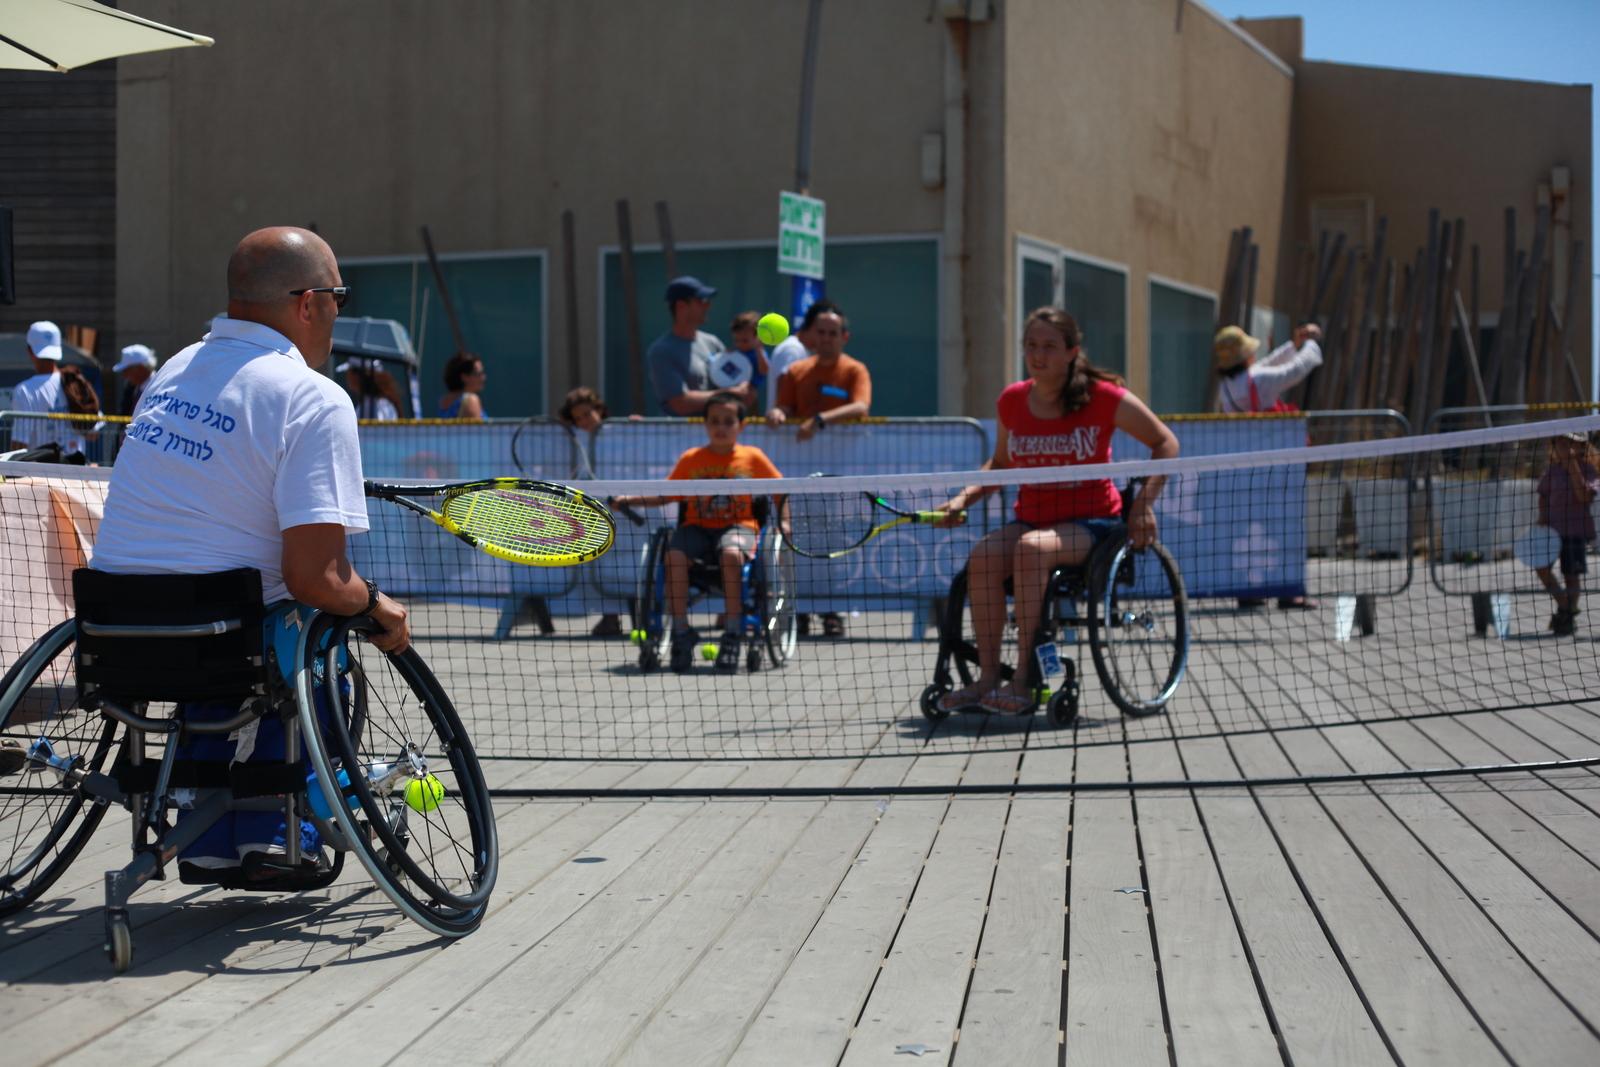 תחנת טניס על כיסאות גלגלים בנמל